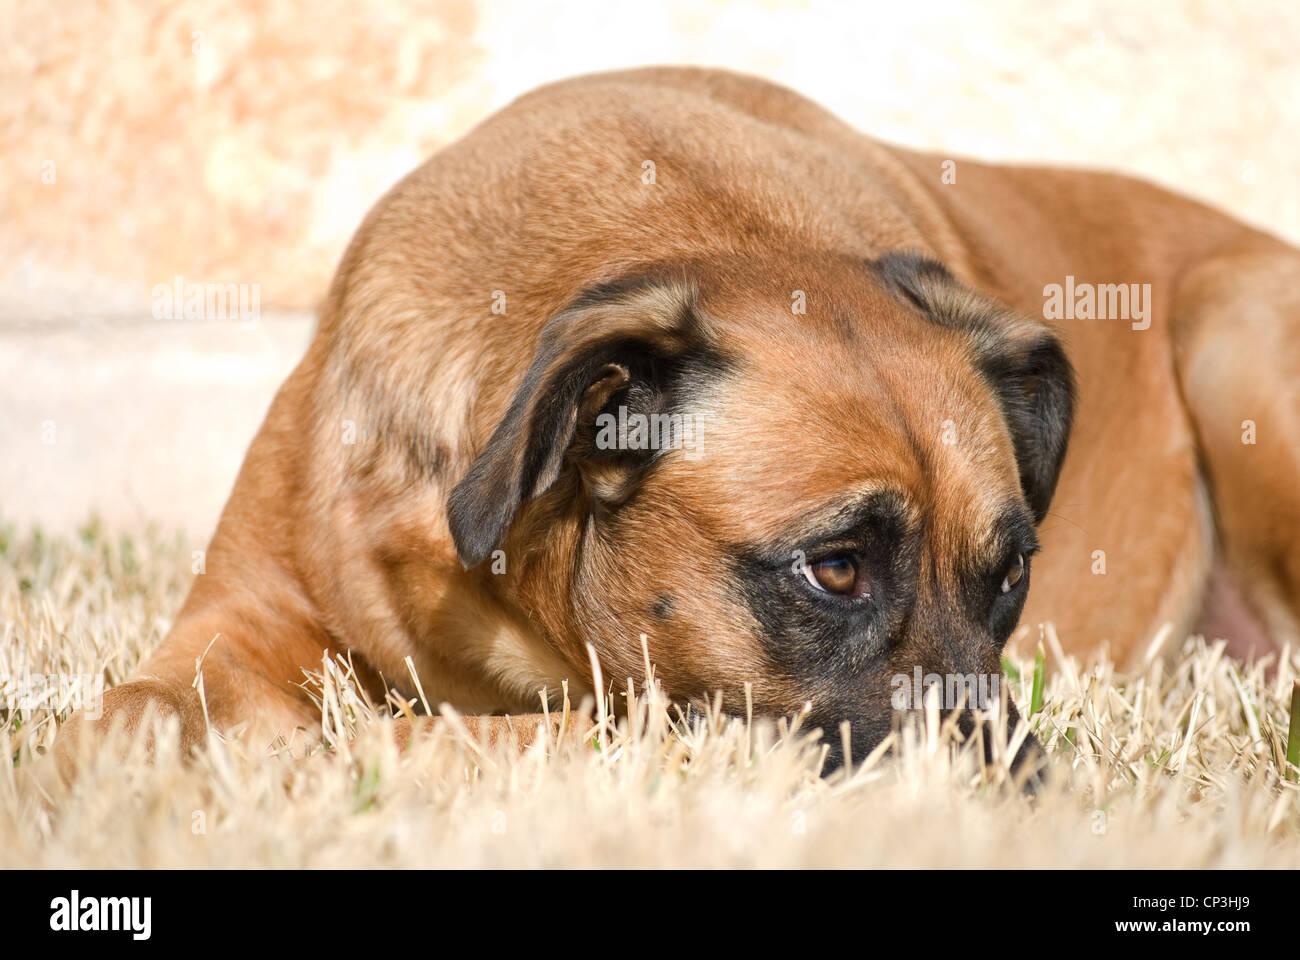 Perro con expresión conformista Imagen De Stock